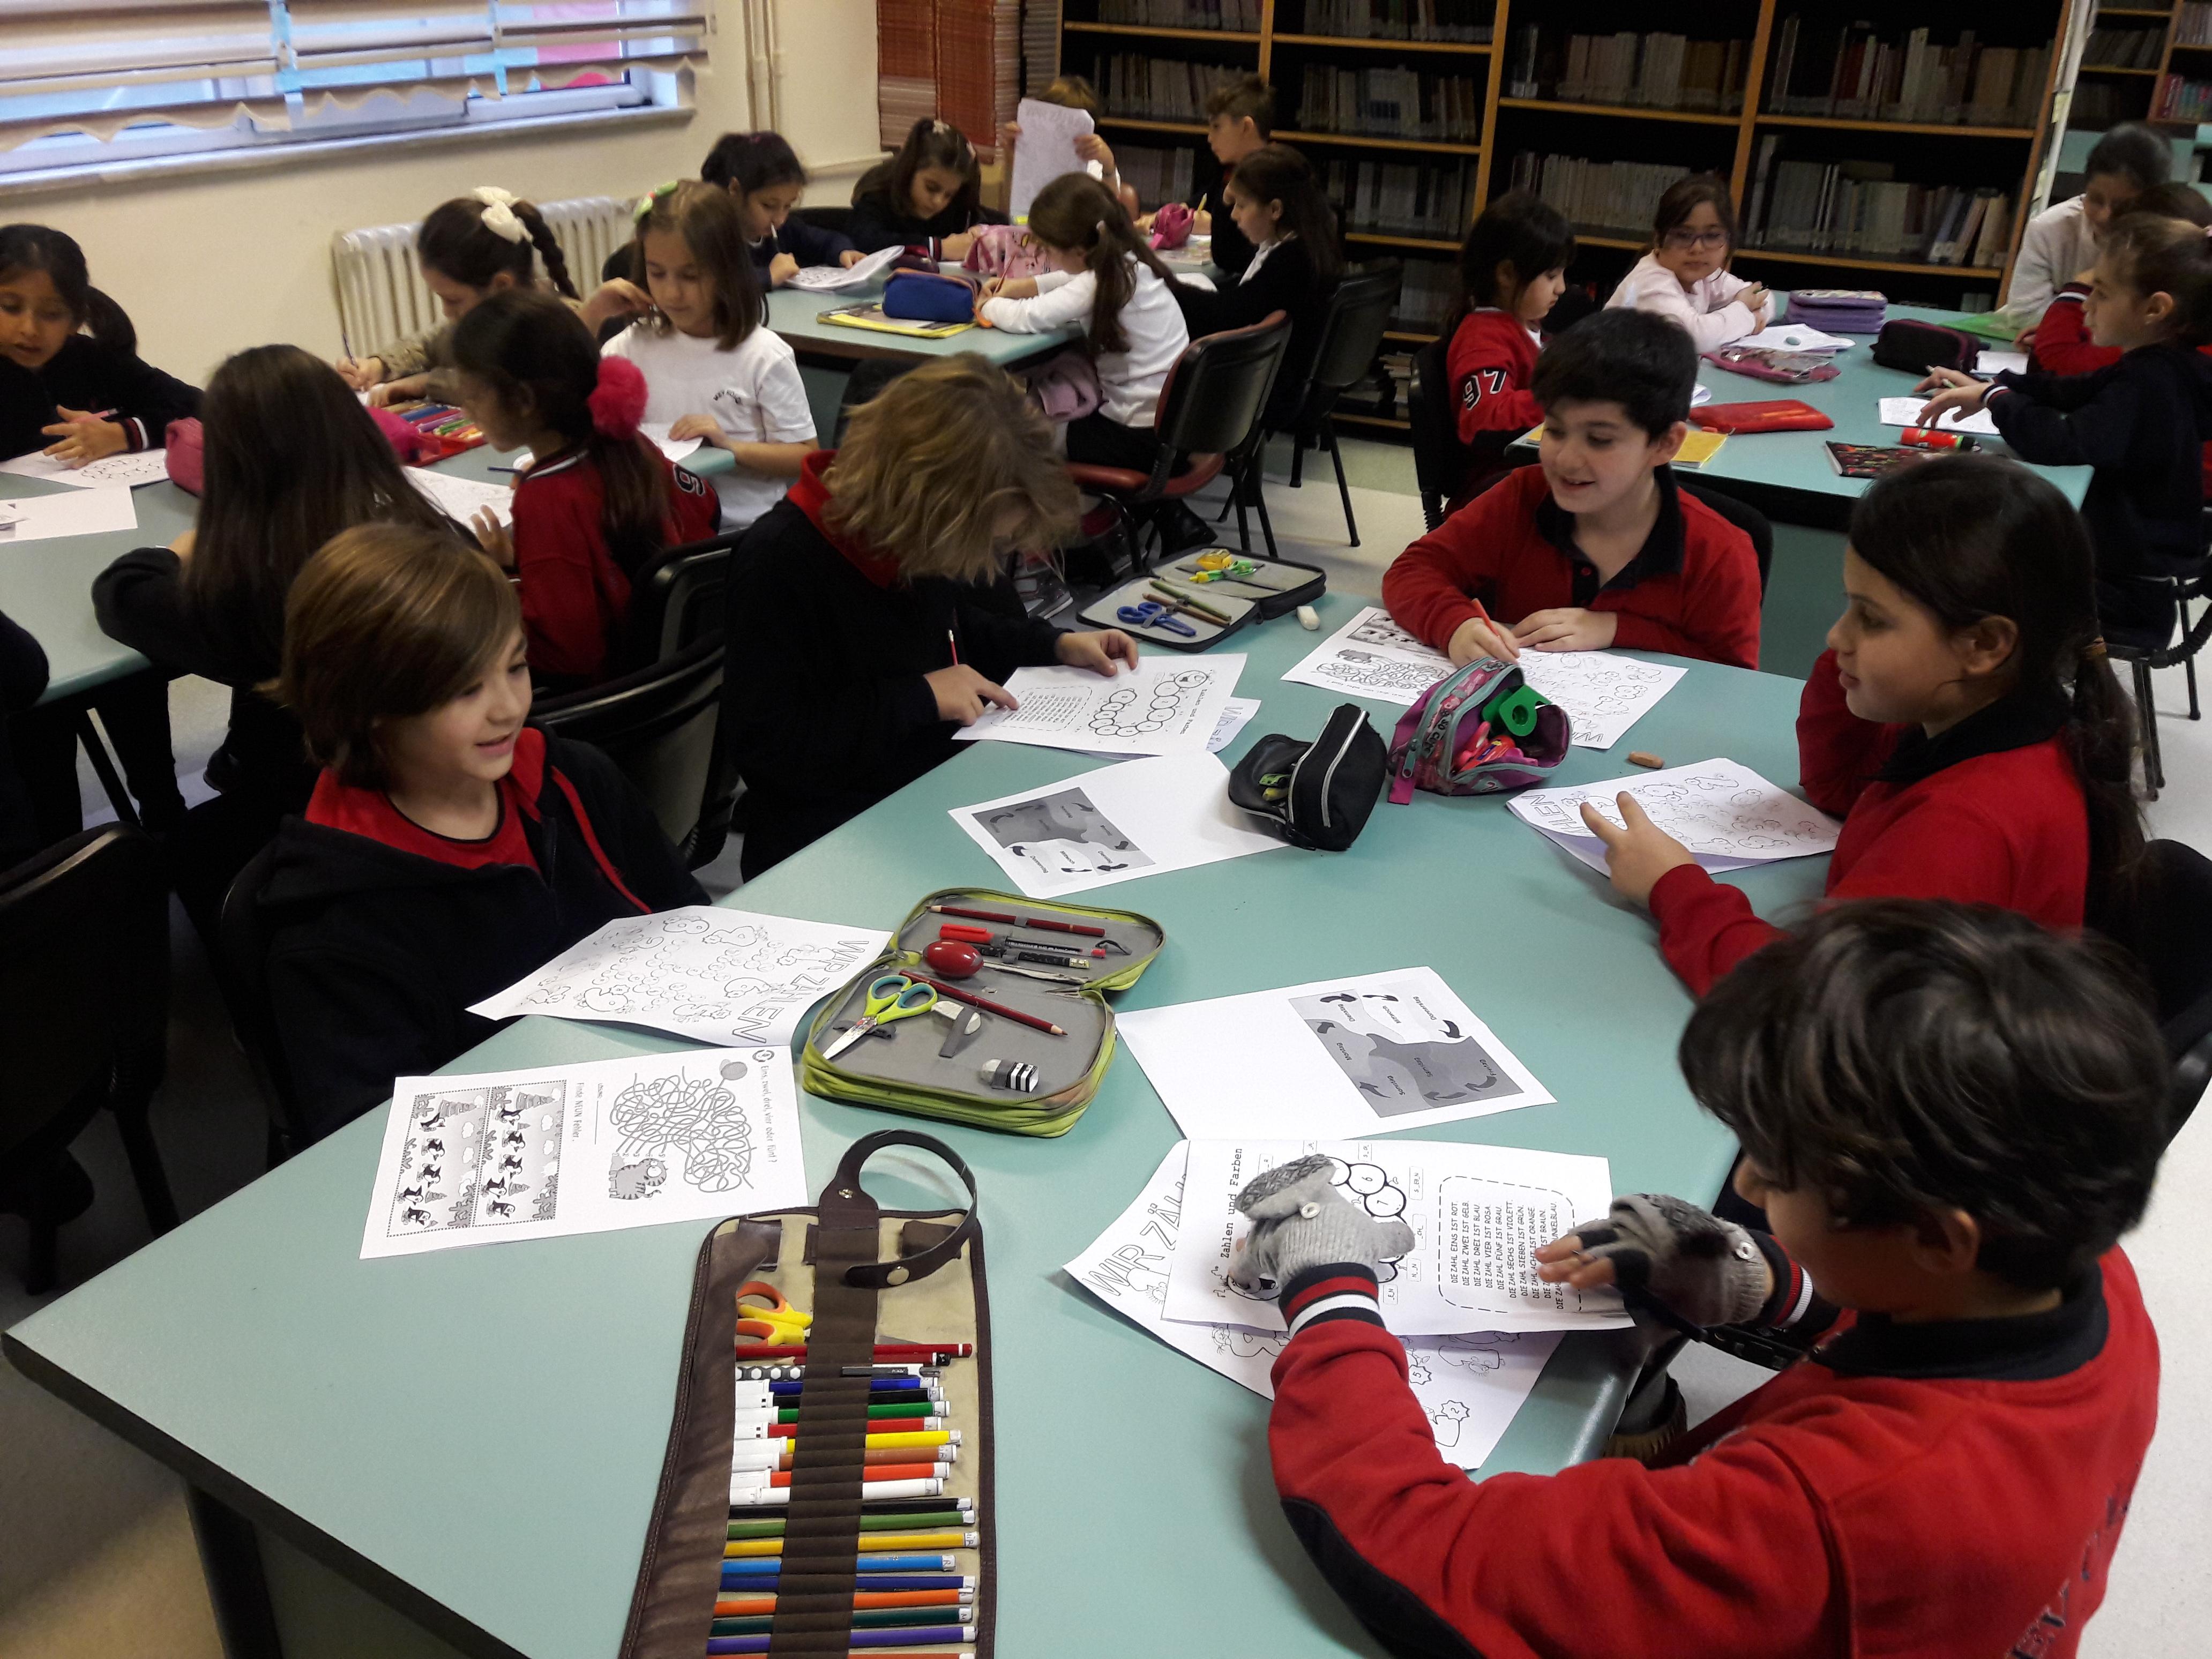 Öğrencilerimiz Almanca Dersinde Bulmaca Günü Etkinliği Yaptılar